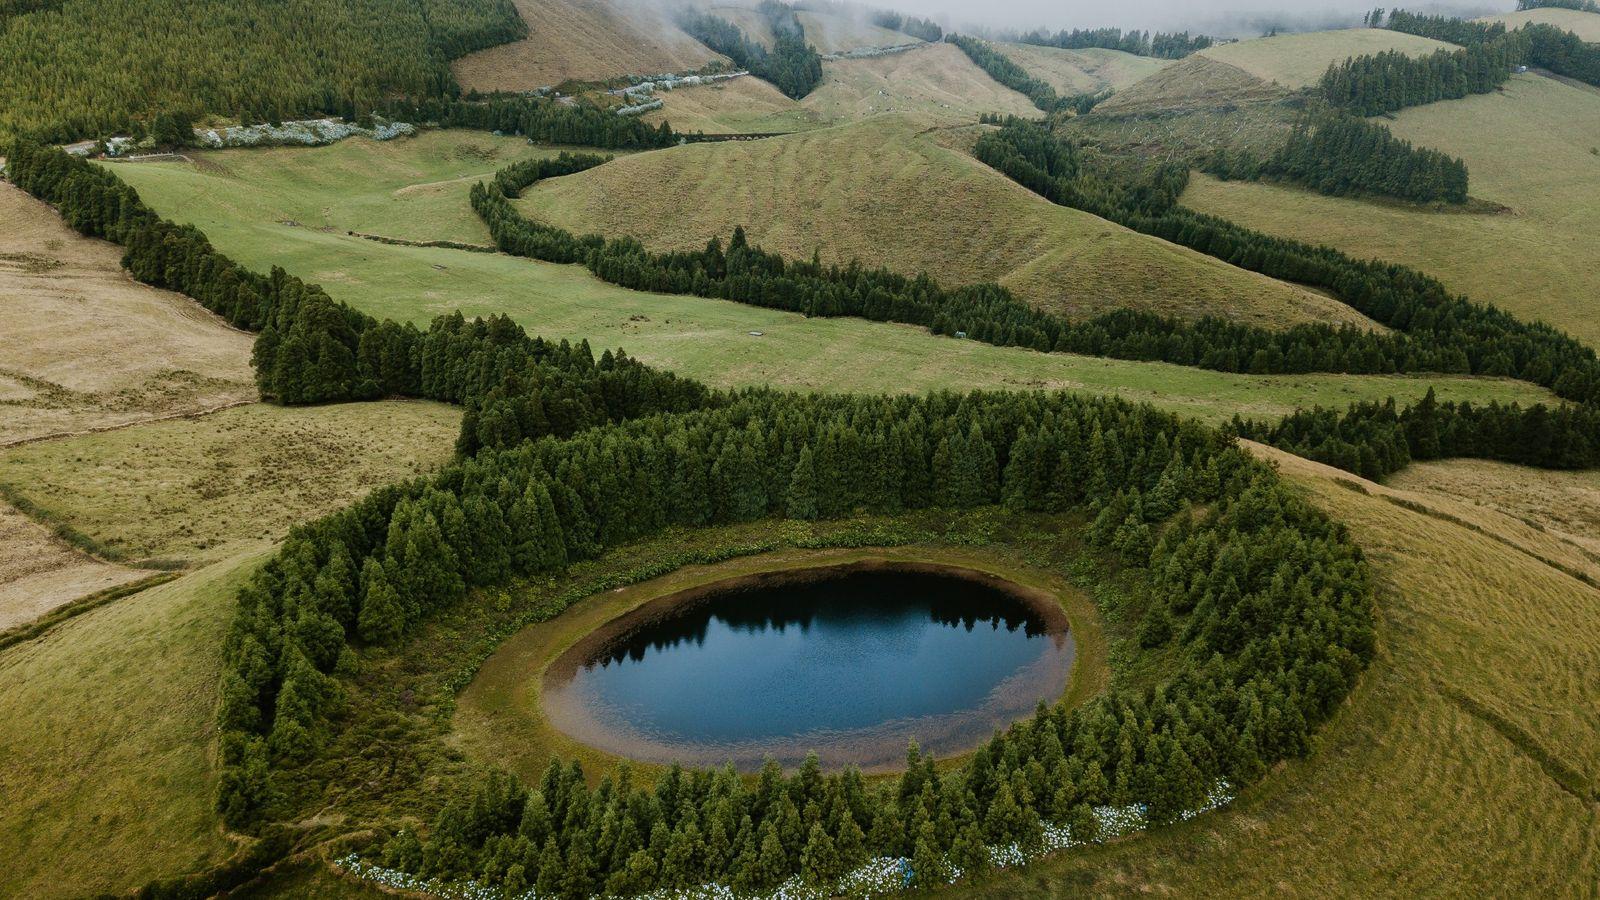 Fotografia da Lagoa de Pau Pique